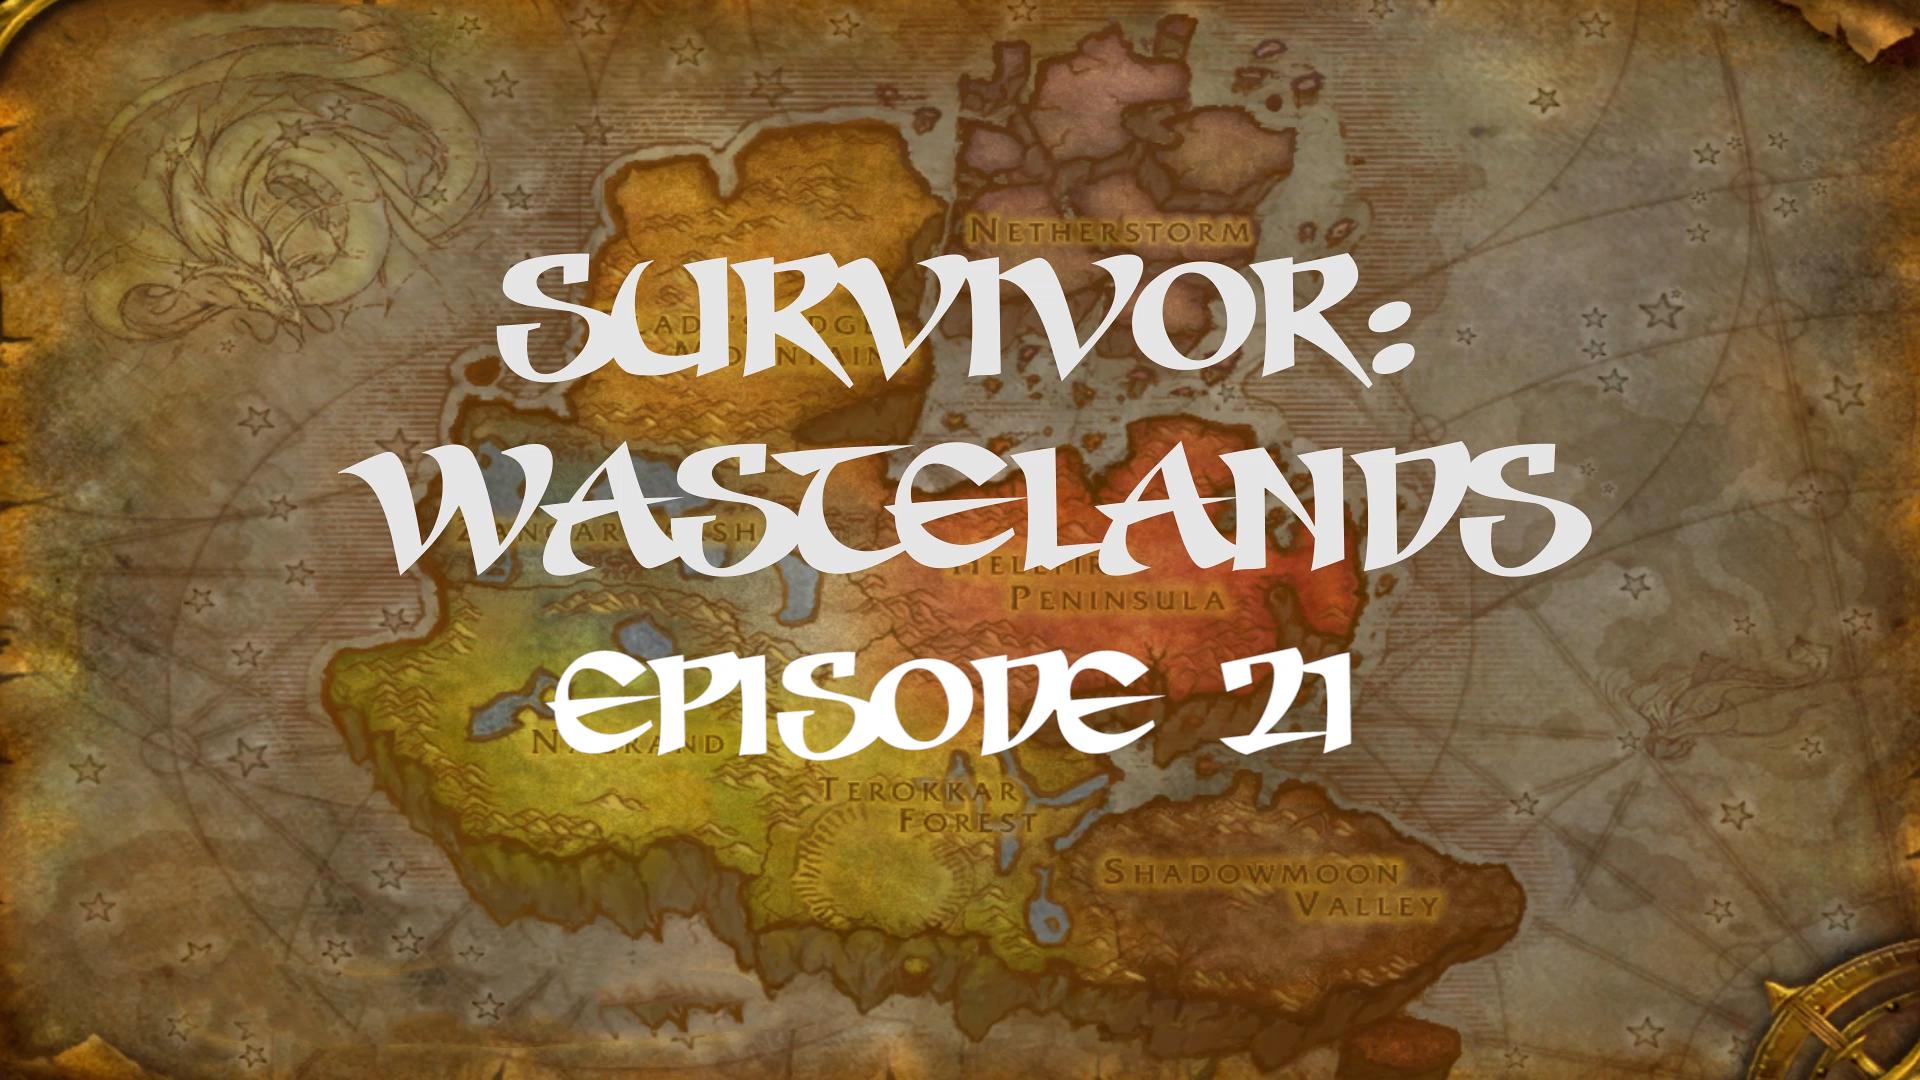 Survivor Wastelands Episode 21.jpg